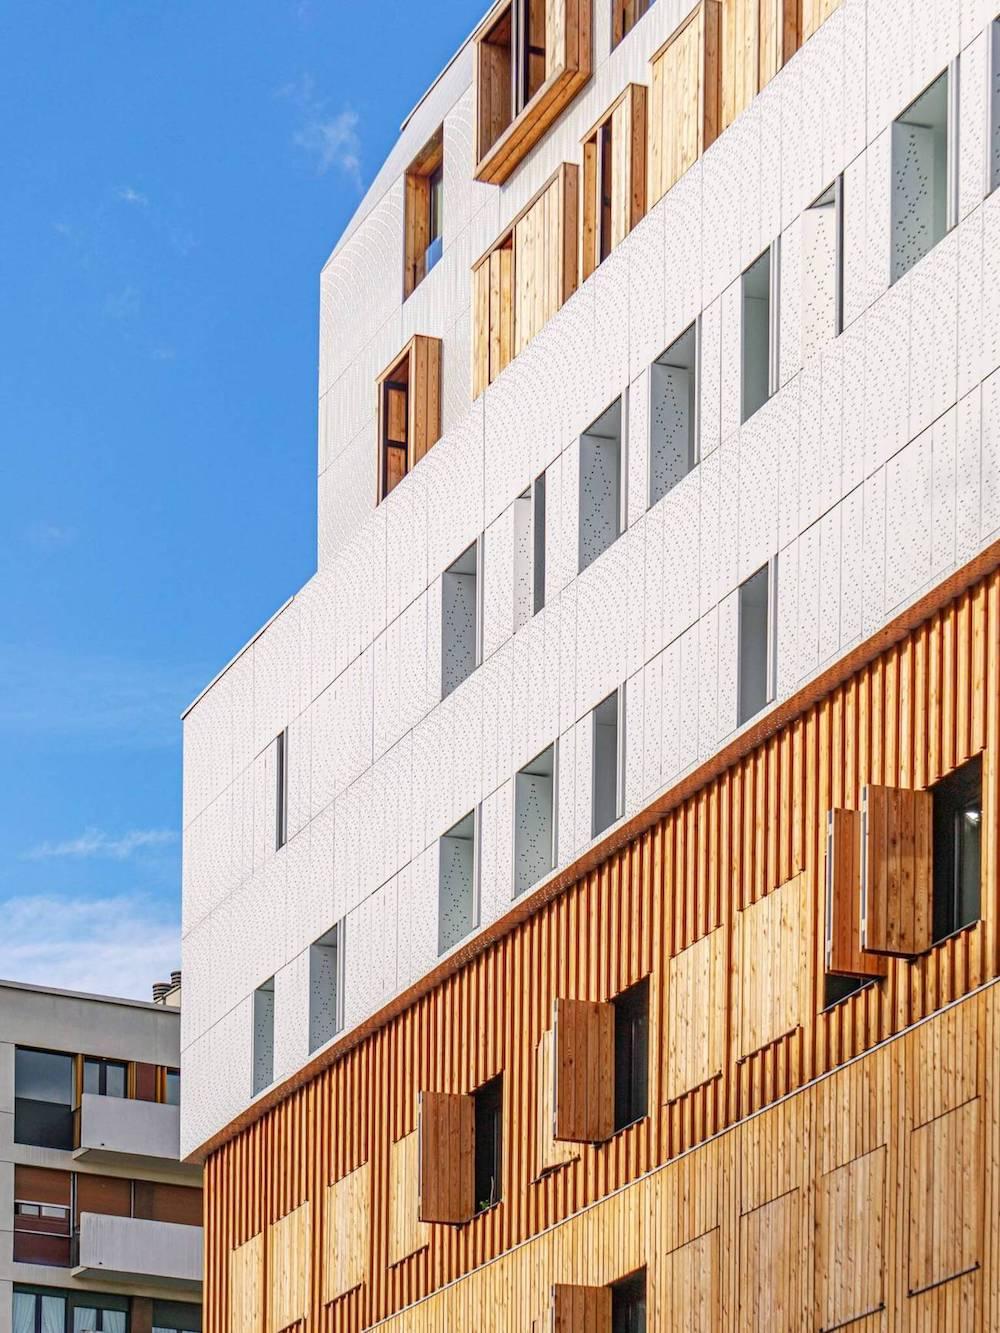 Facade of a wooden building.